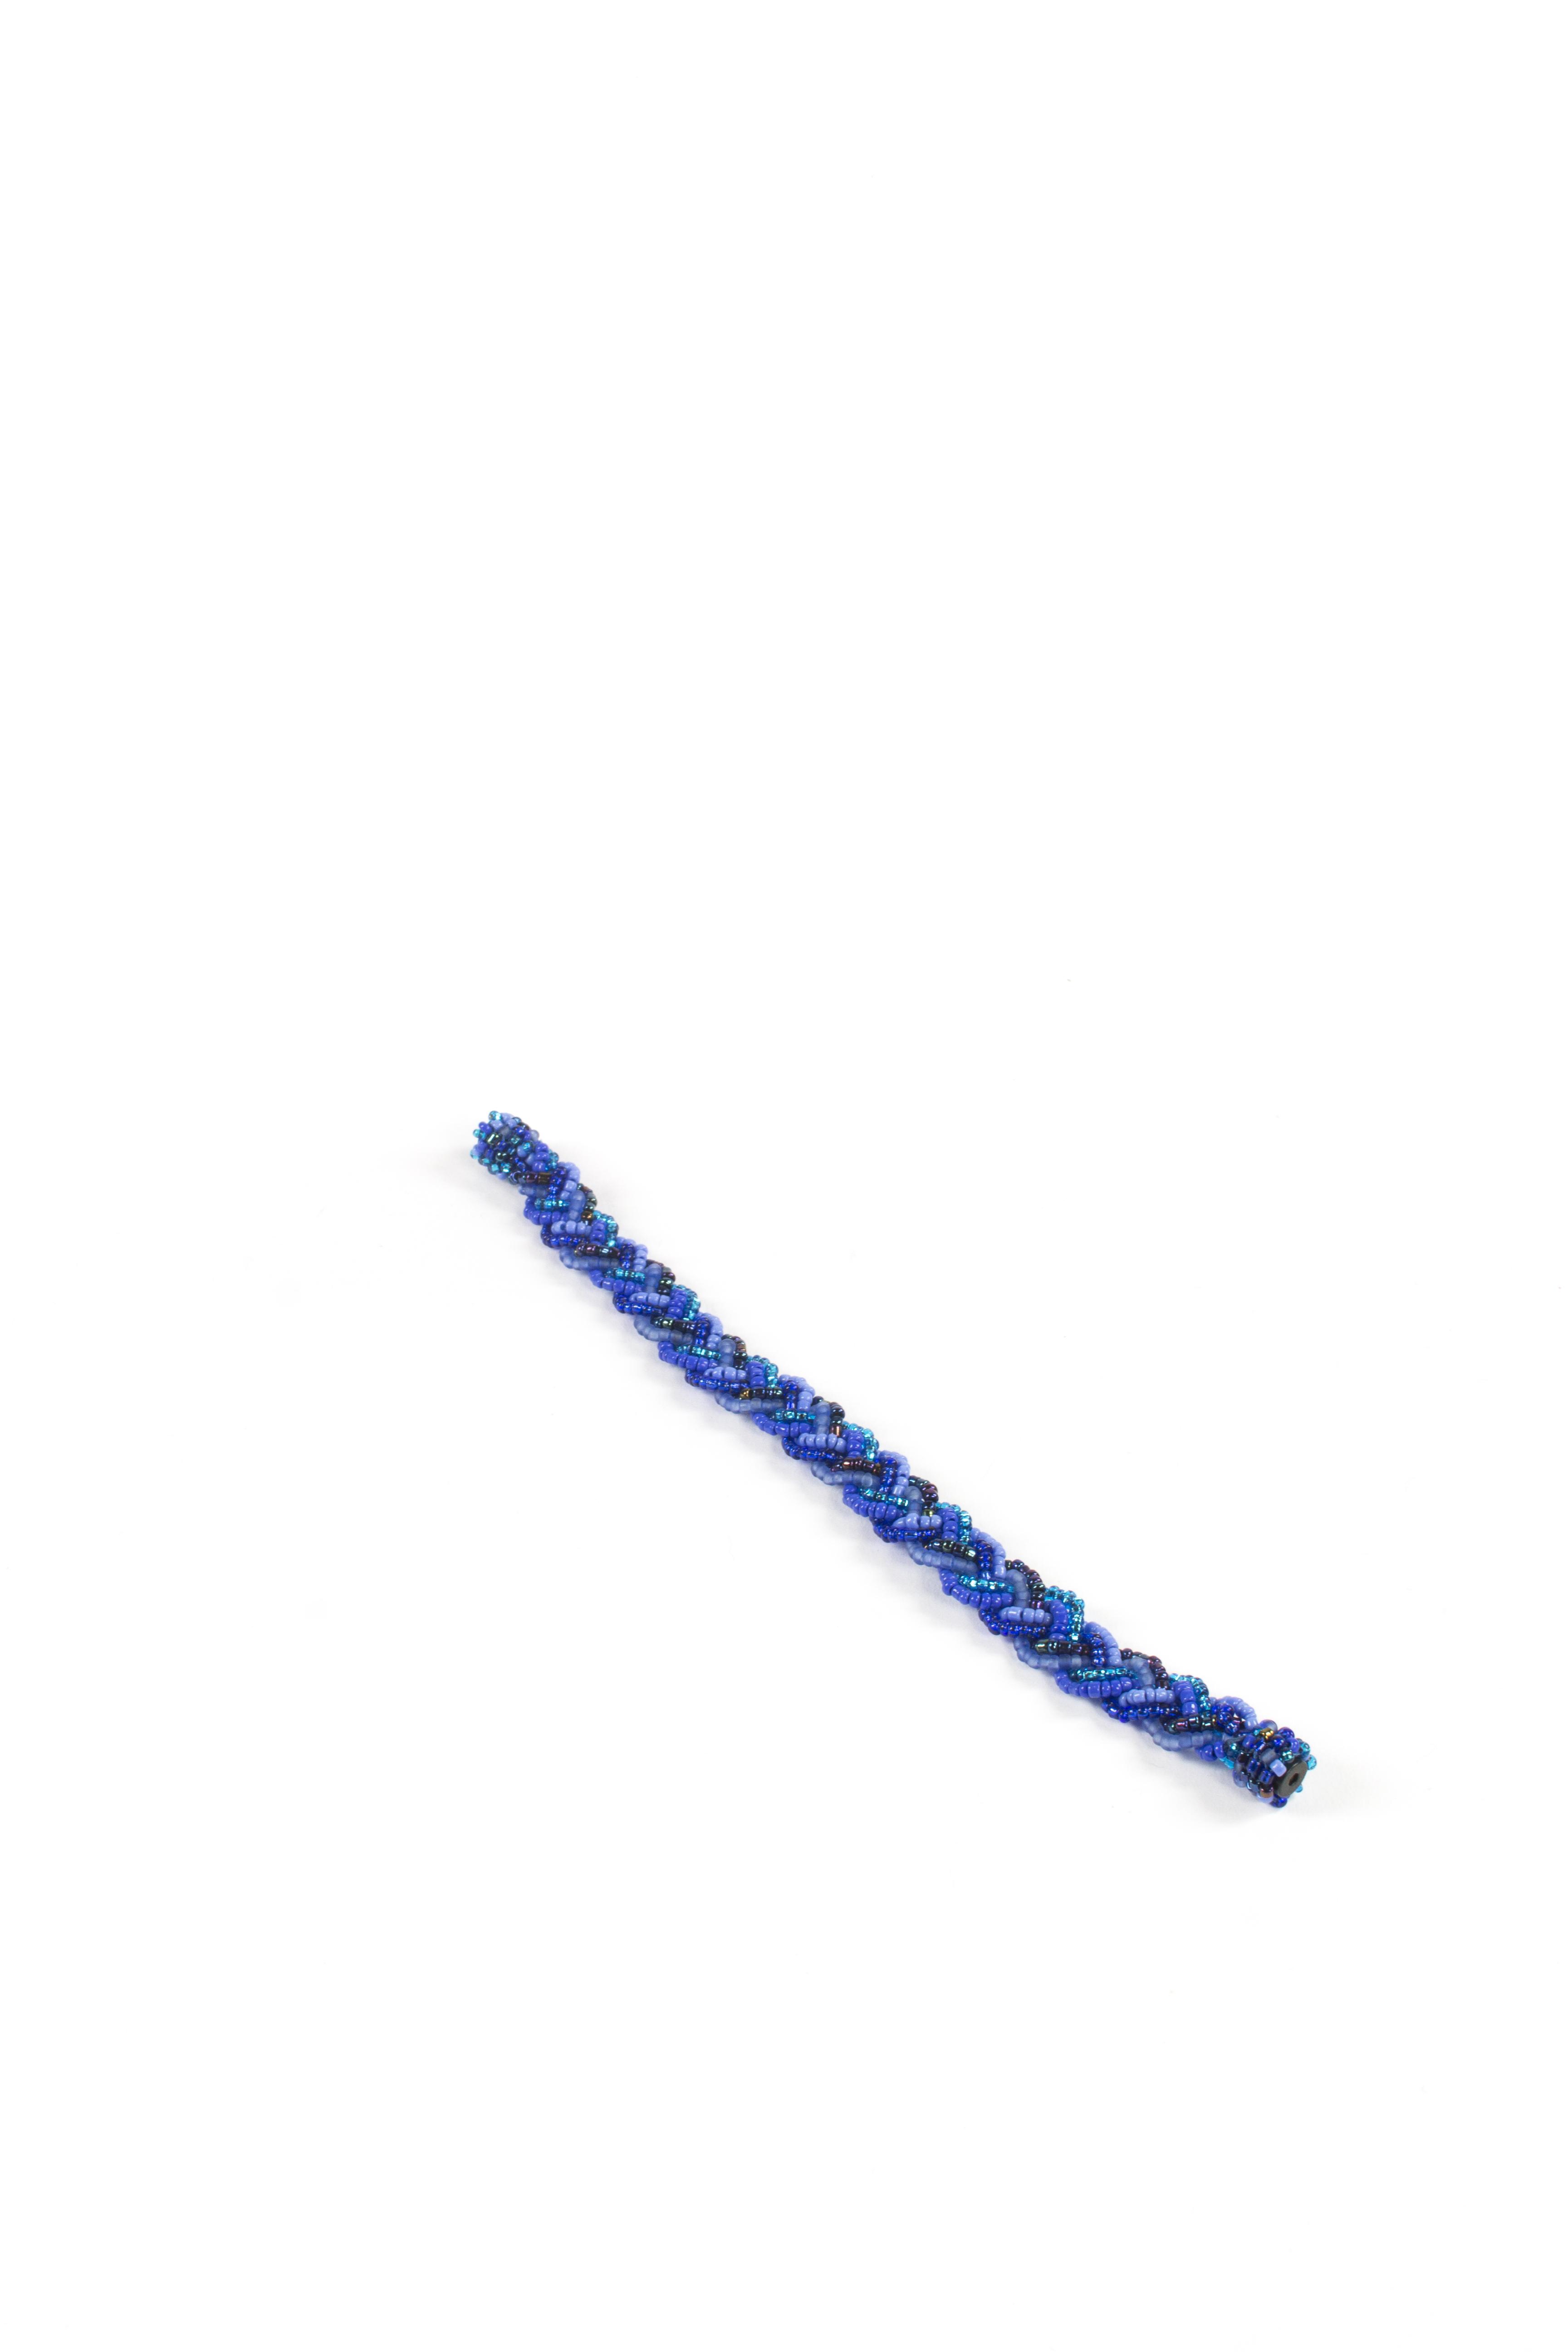 Bohemian Fair Trade Armband Gevlochten Blauw